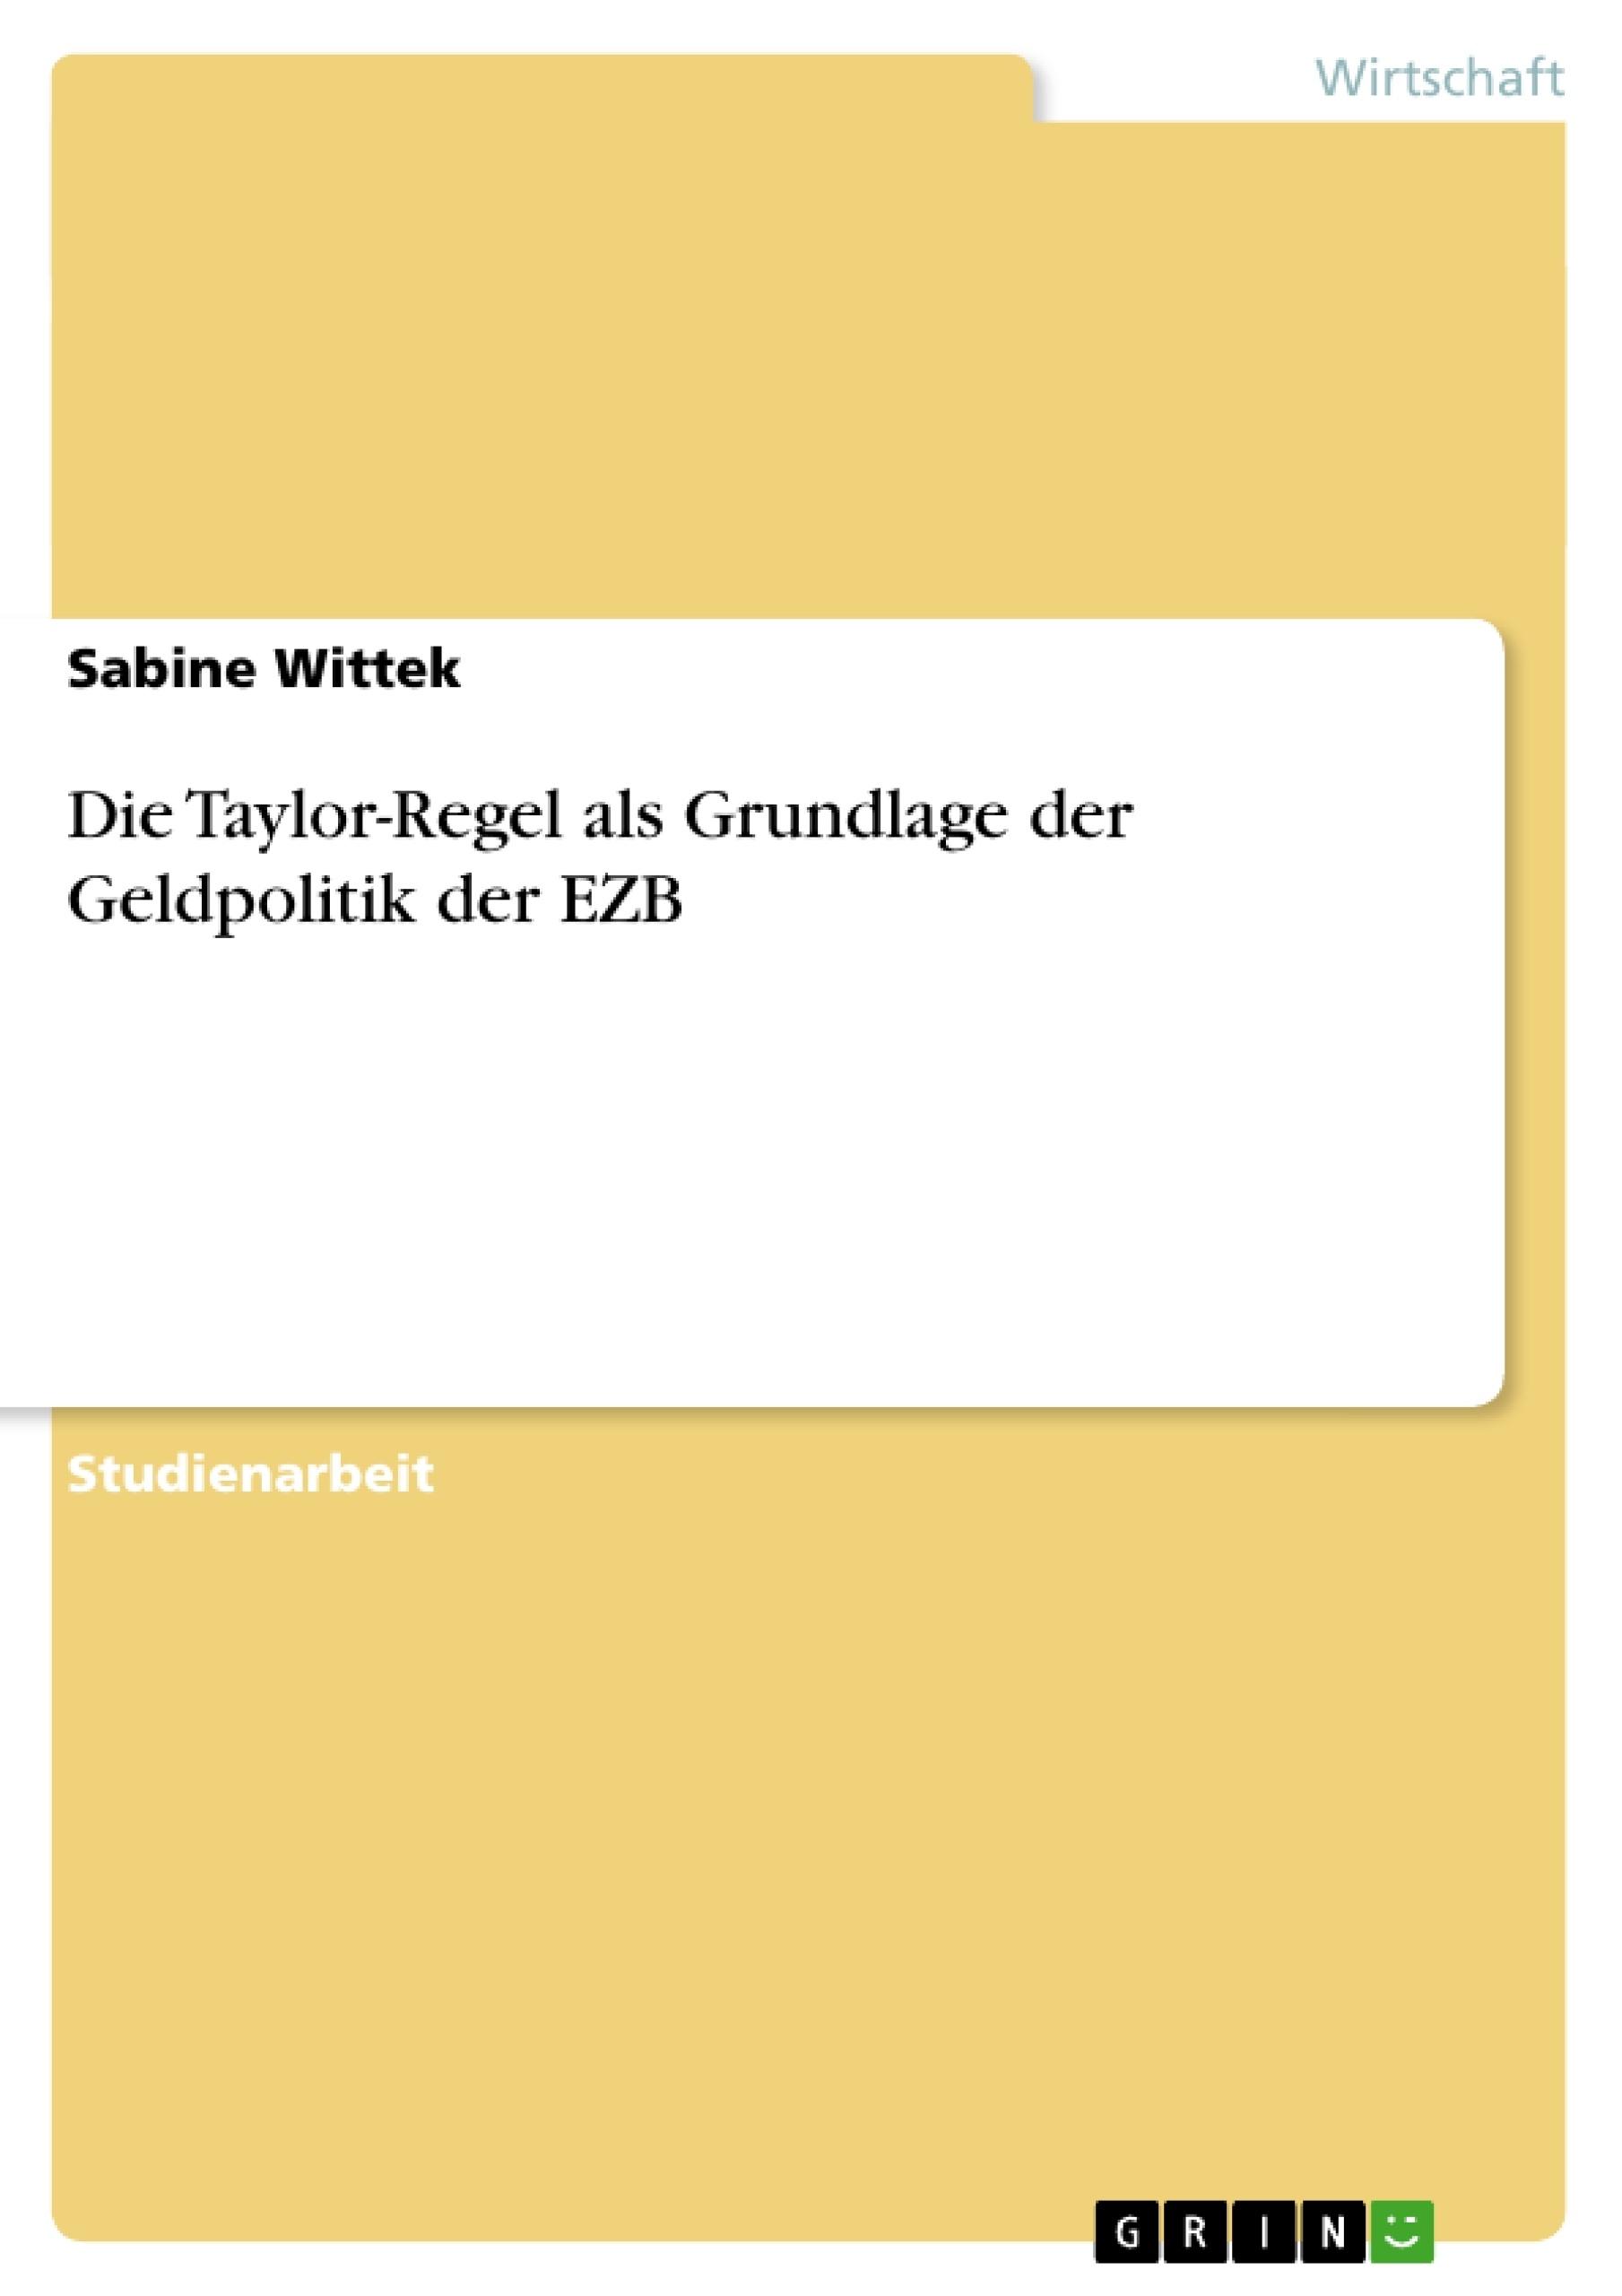 Titel: Die Taylor-Regel als Grundlage der Geldpolitik der EZB